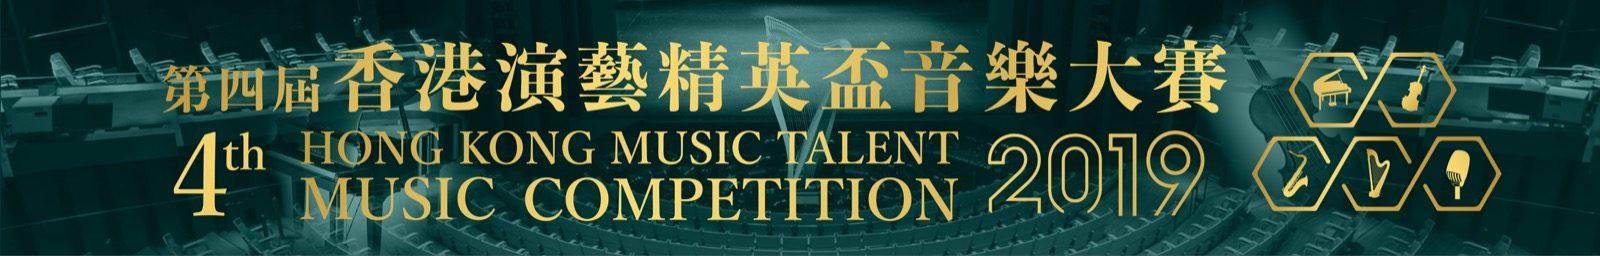 香港演藝精英盃音樂大賽